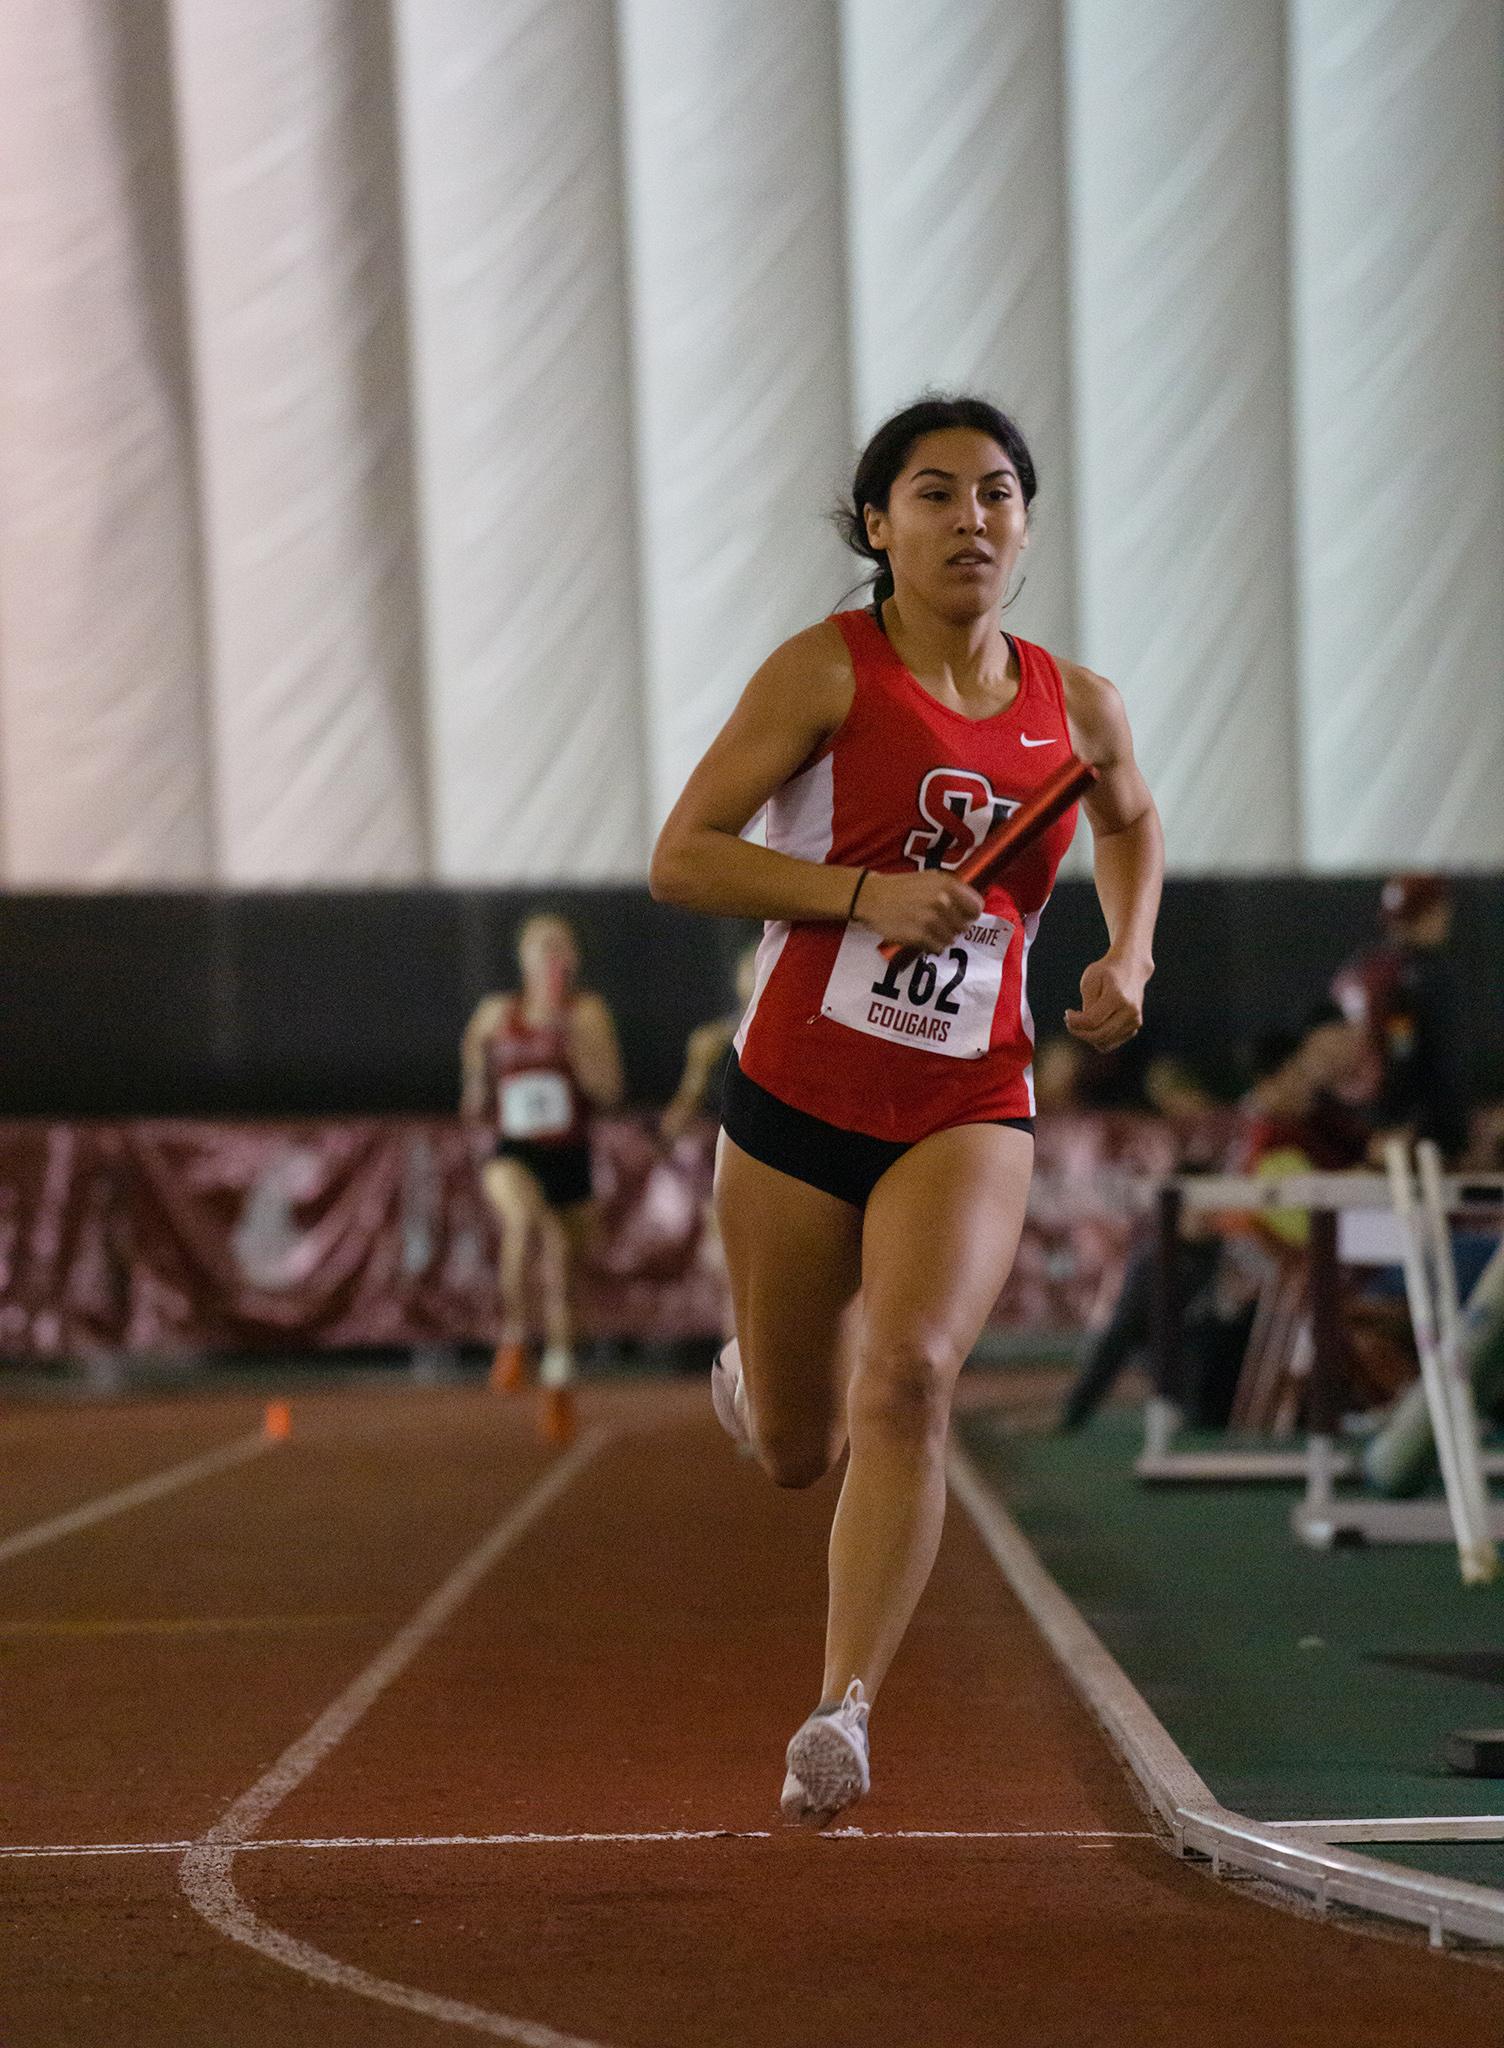 Siobhan Rubio running in the 4x400m in UW's indoor track meet last week.